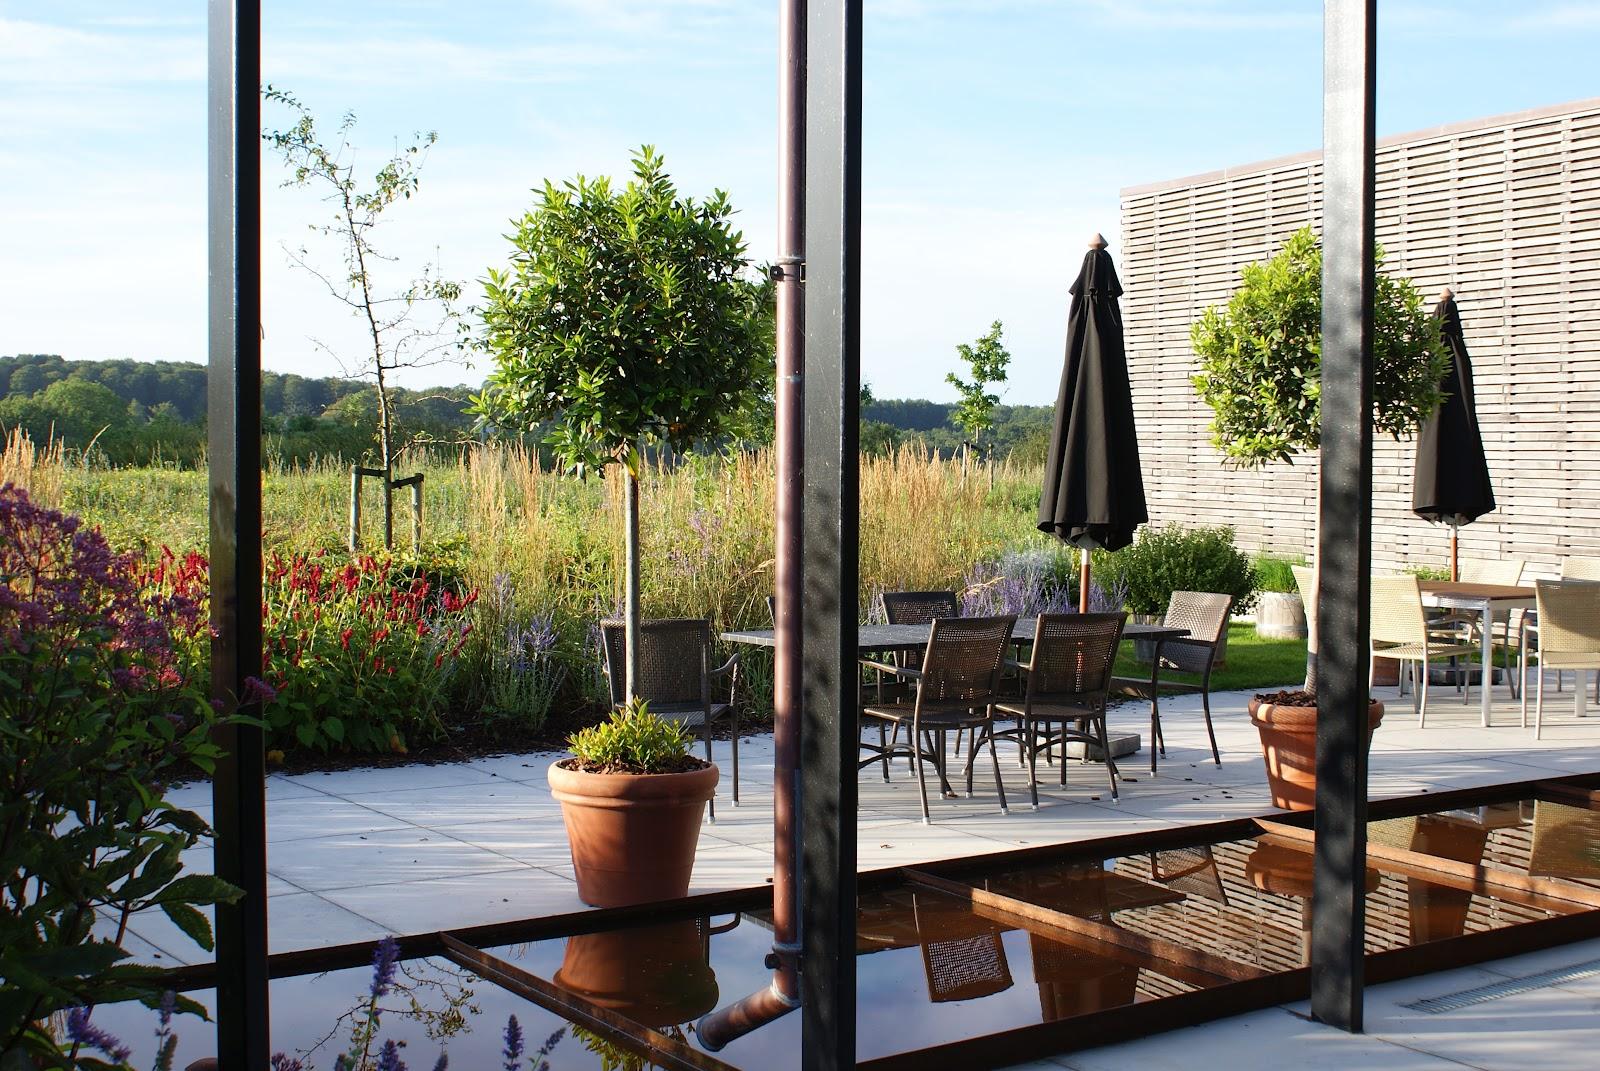 KJELD SLOT: Læ på terrassen